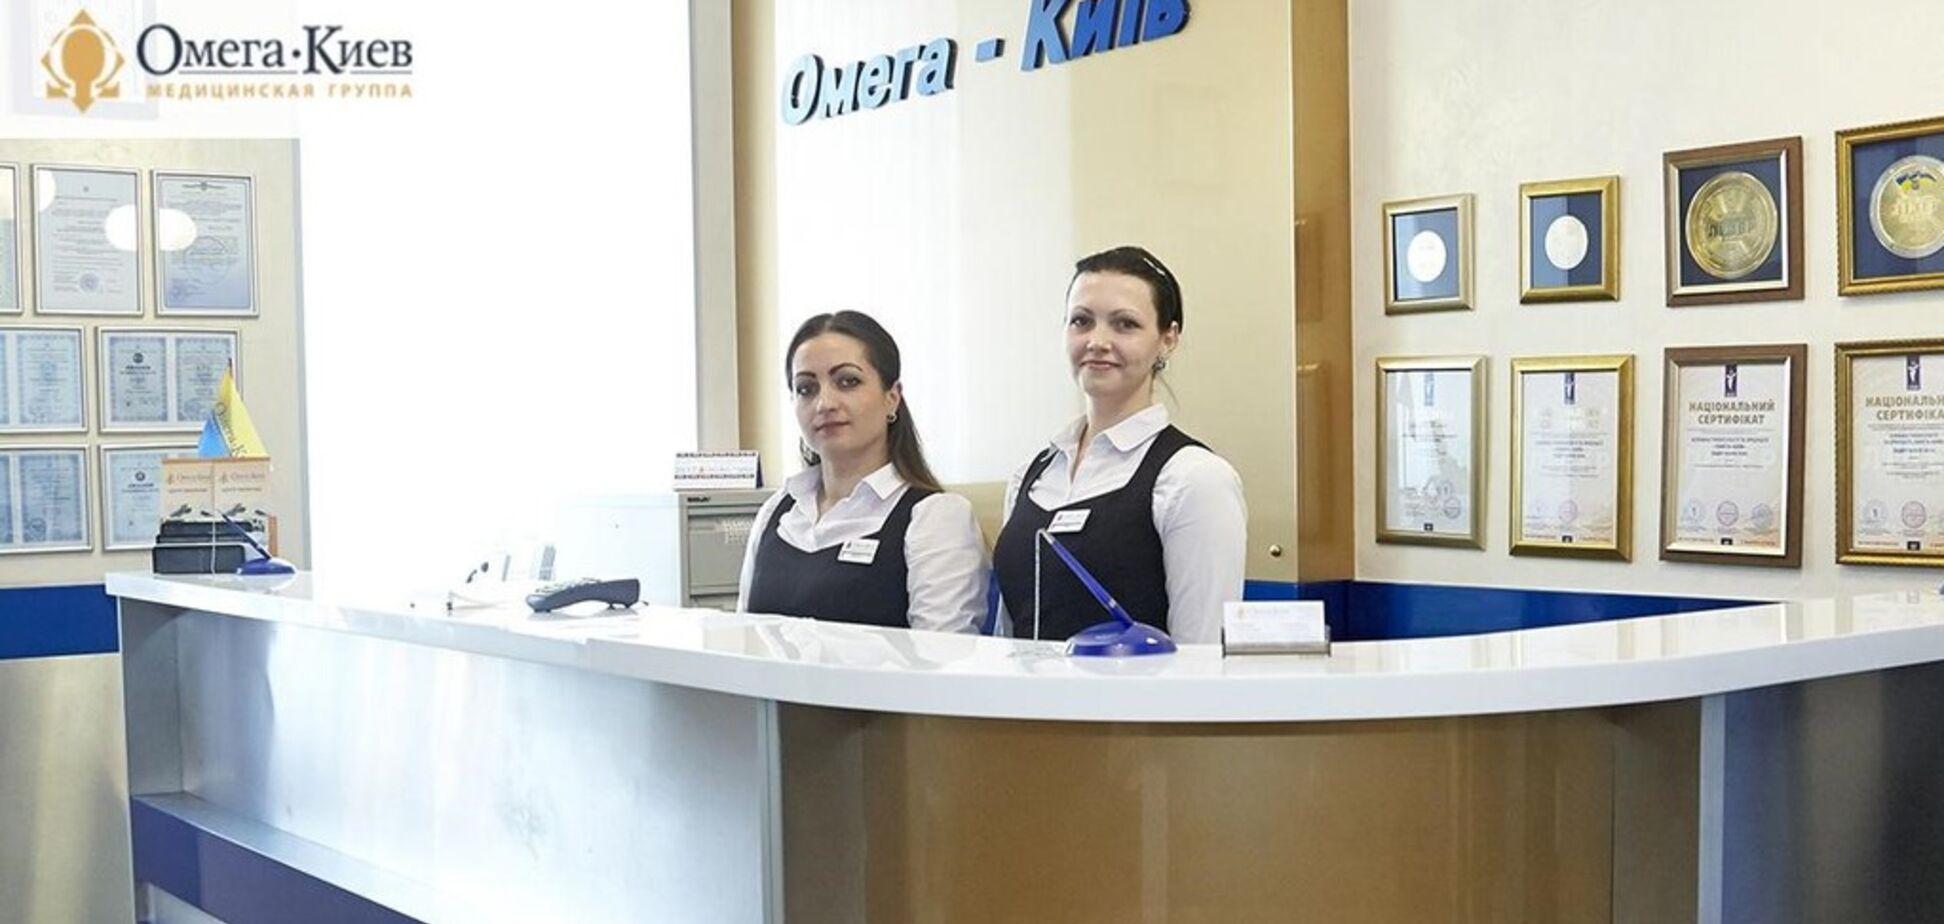 сеть медицинских центров Омега-Киев